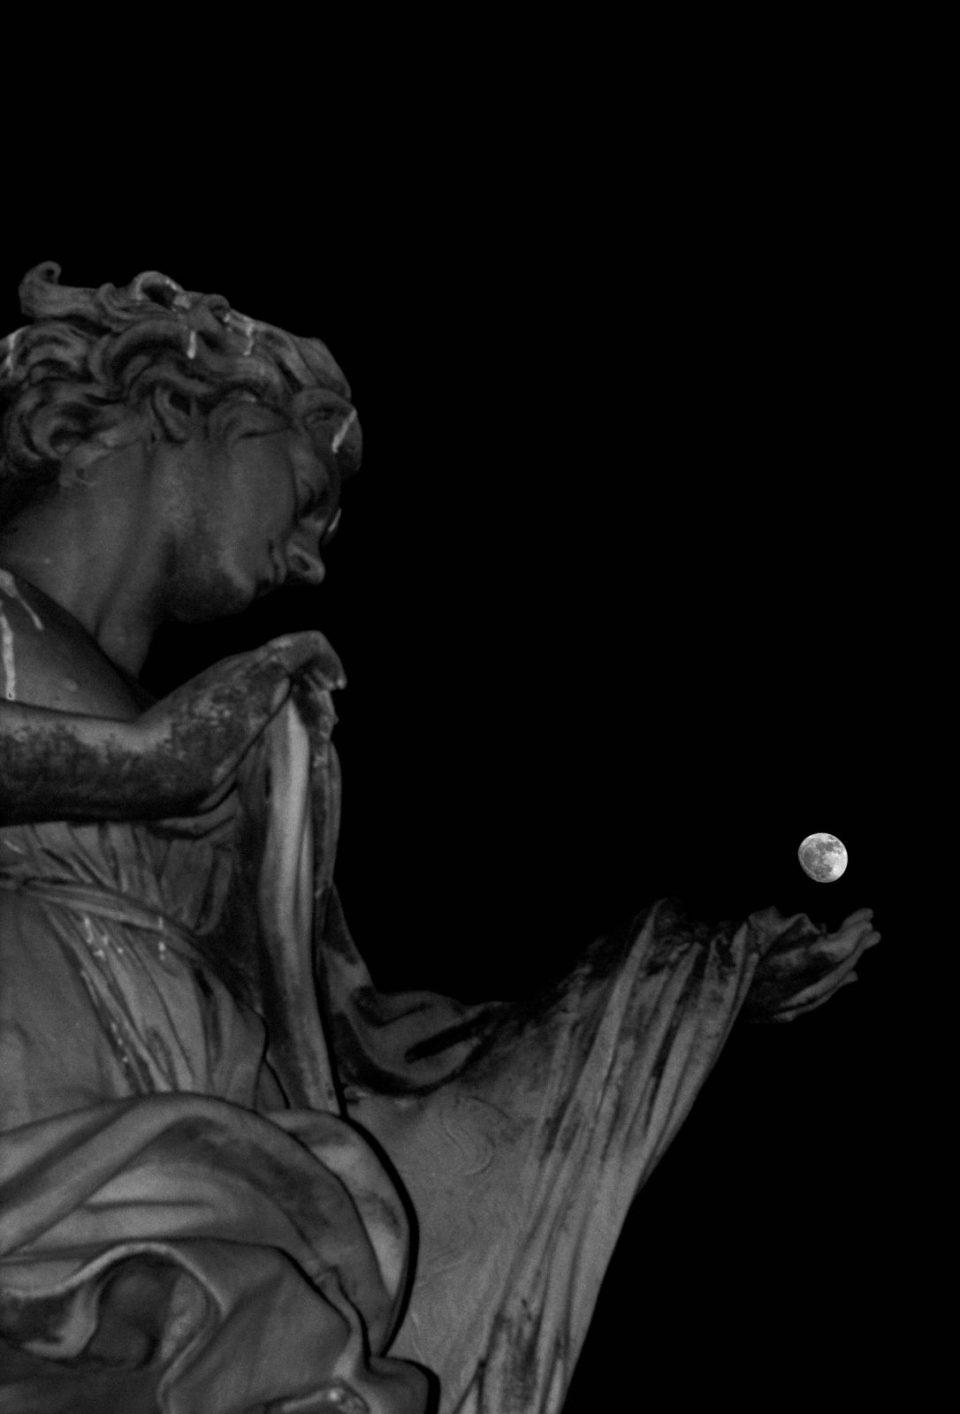 Statua - Statua e luna - Roma - Architettura - fotografare l'architettura - fotografare la città - istanti in viaggio - fotografia in viaggio